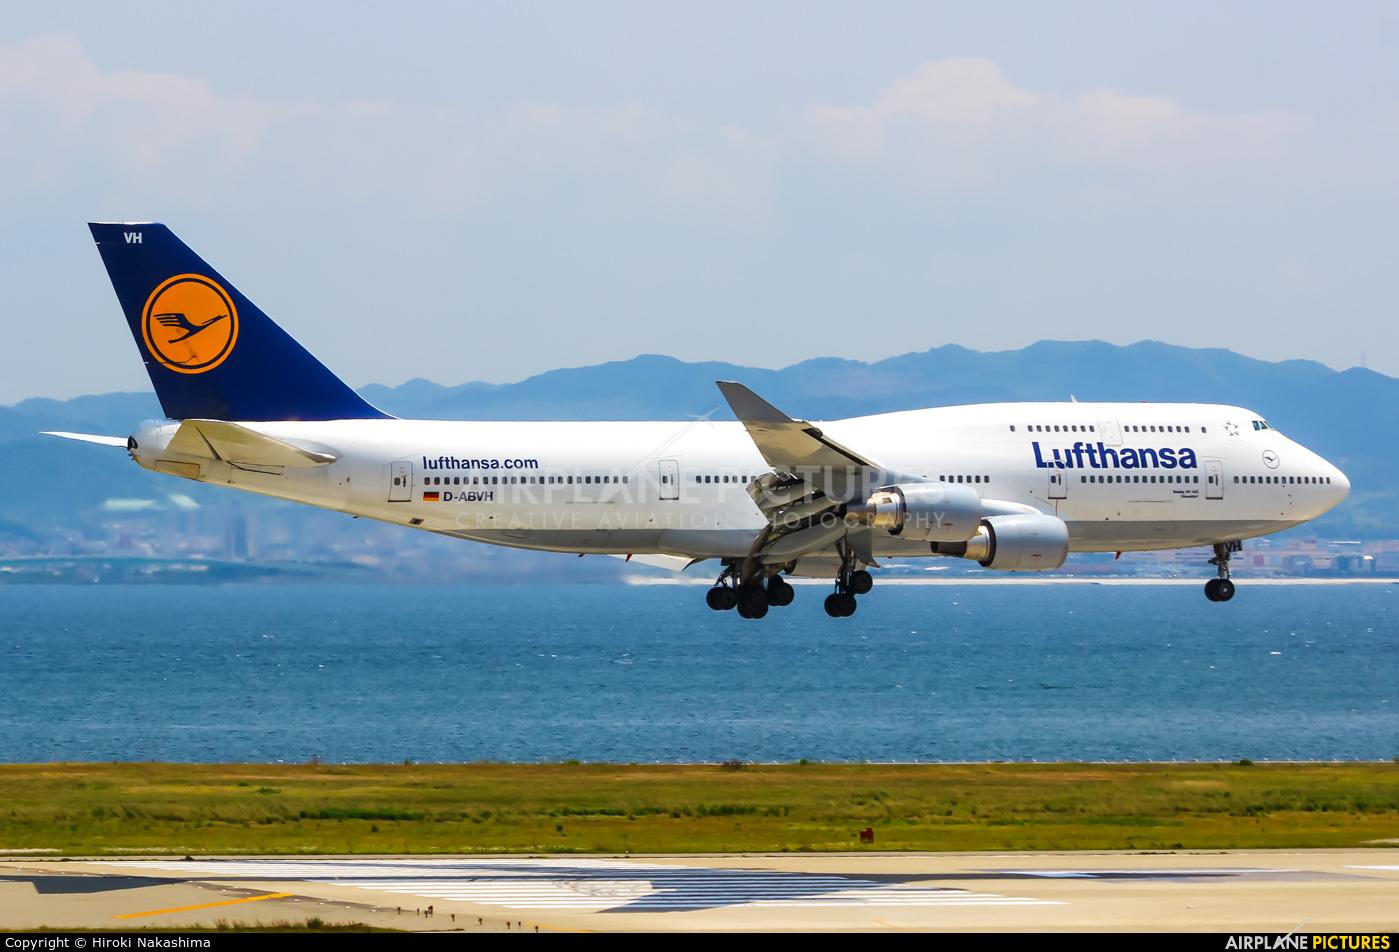 Lufthansa D-ABVH aircraft at Kansai Intl